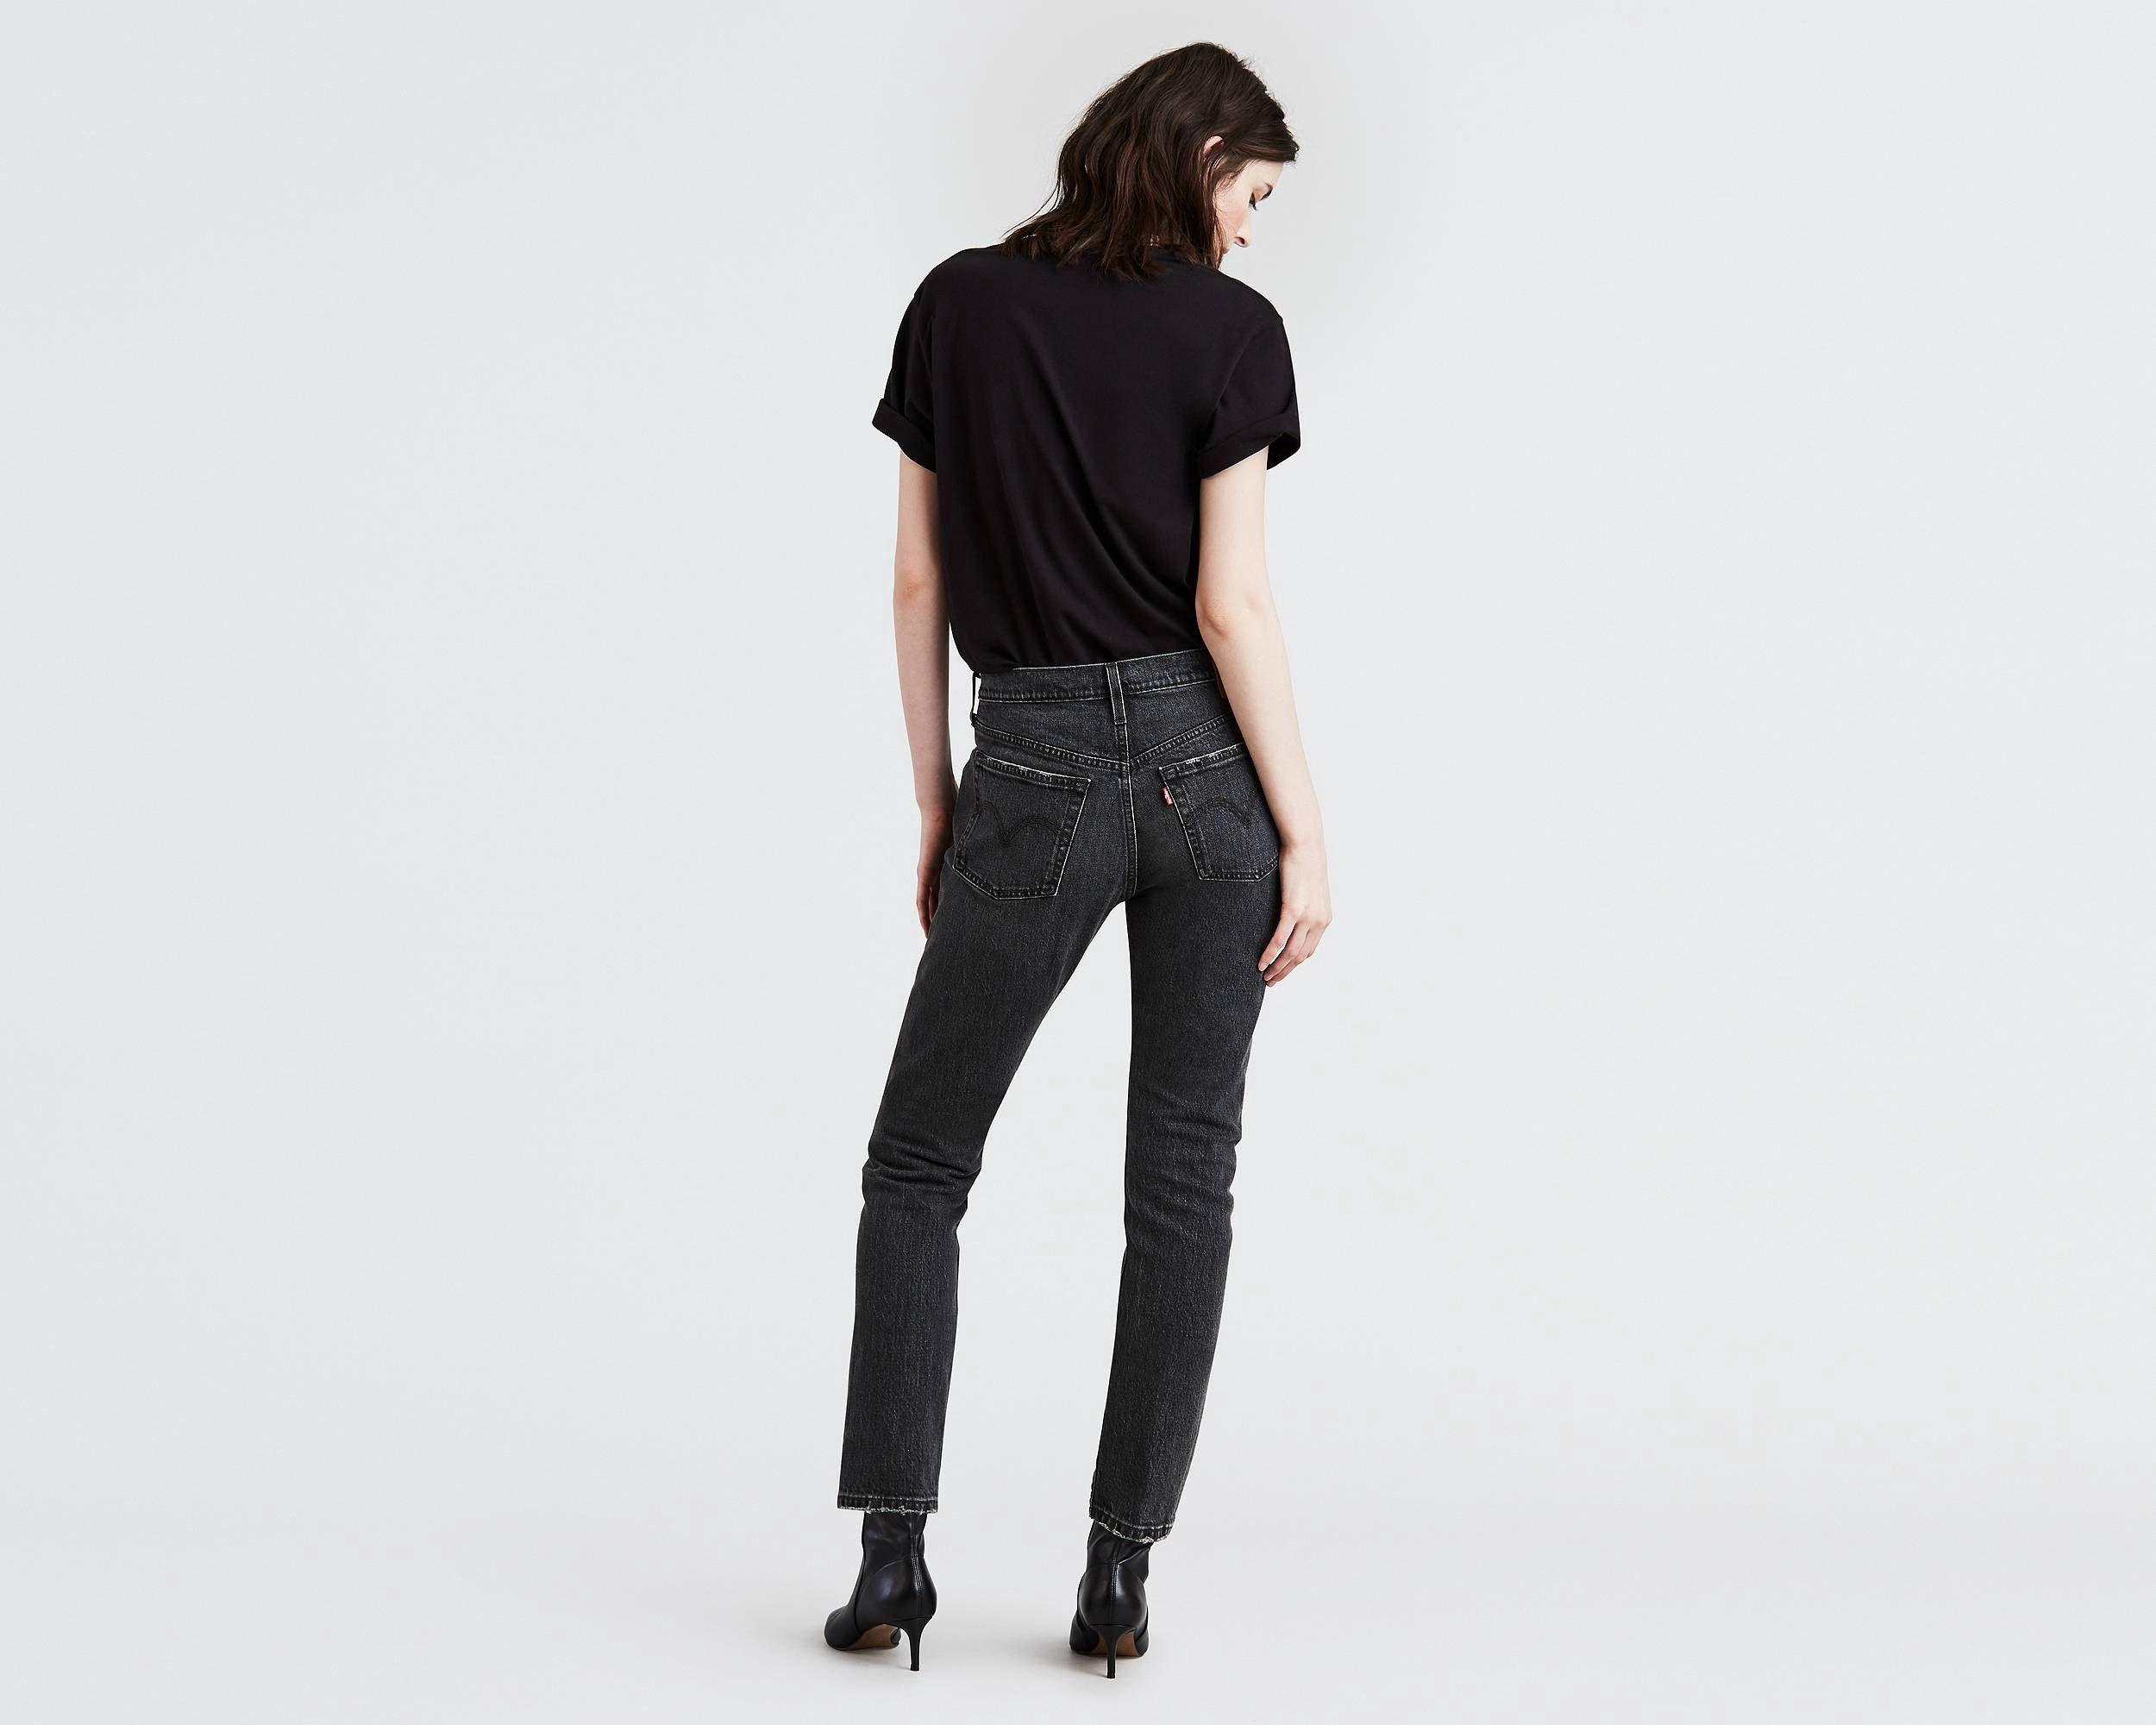 a7f95fc33704 Levi's 501® Stretch Skinny Jeans - Coal Black 24W X 30L | Products ...